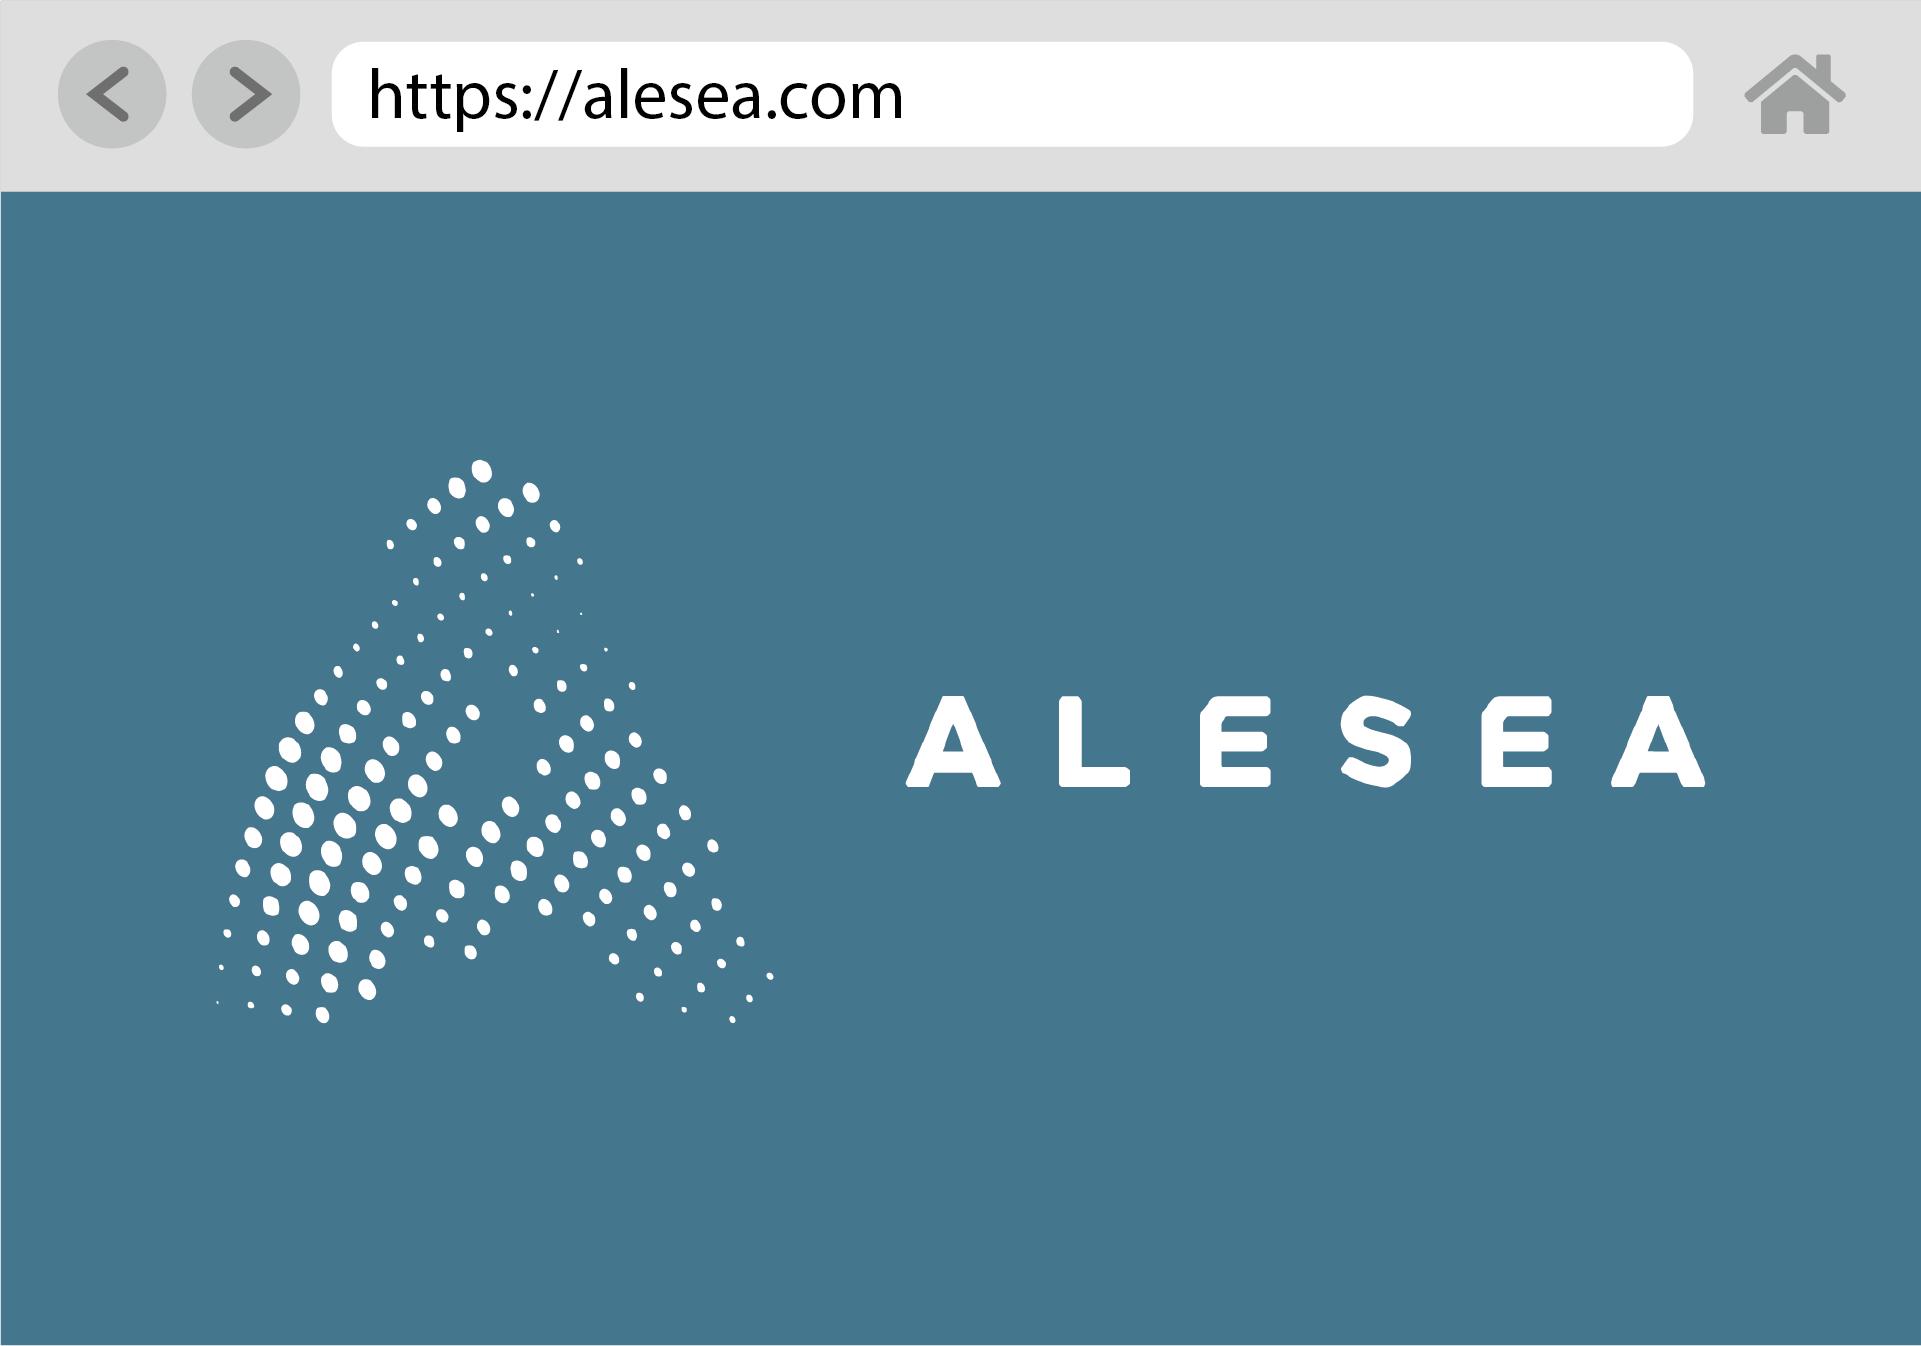 Alesea